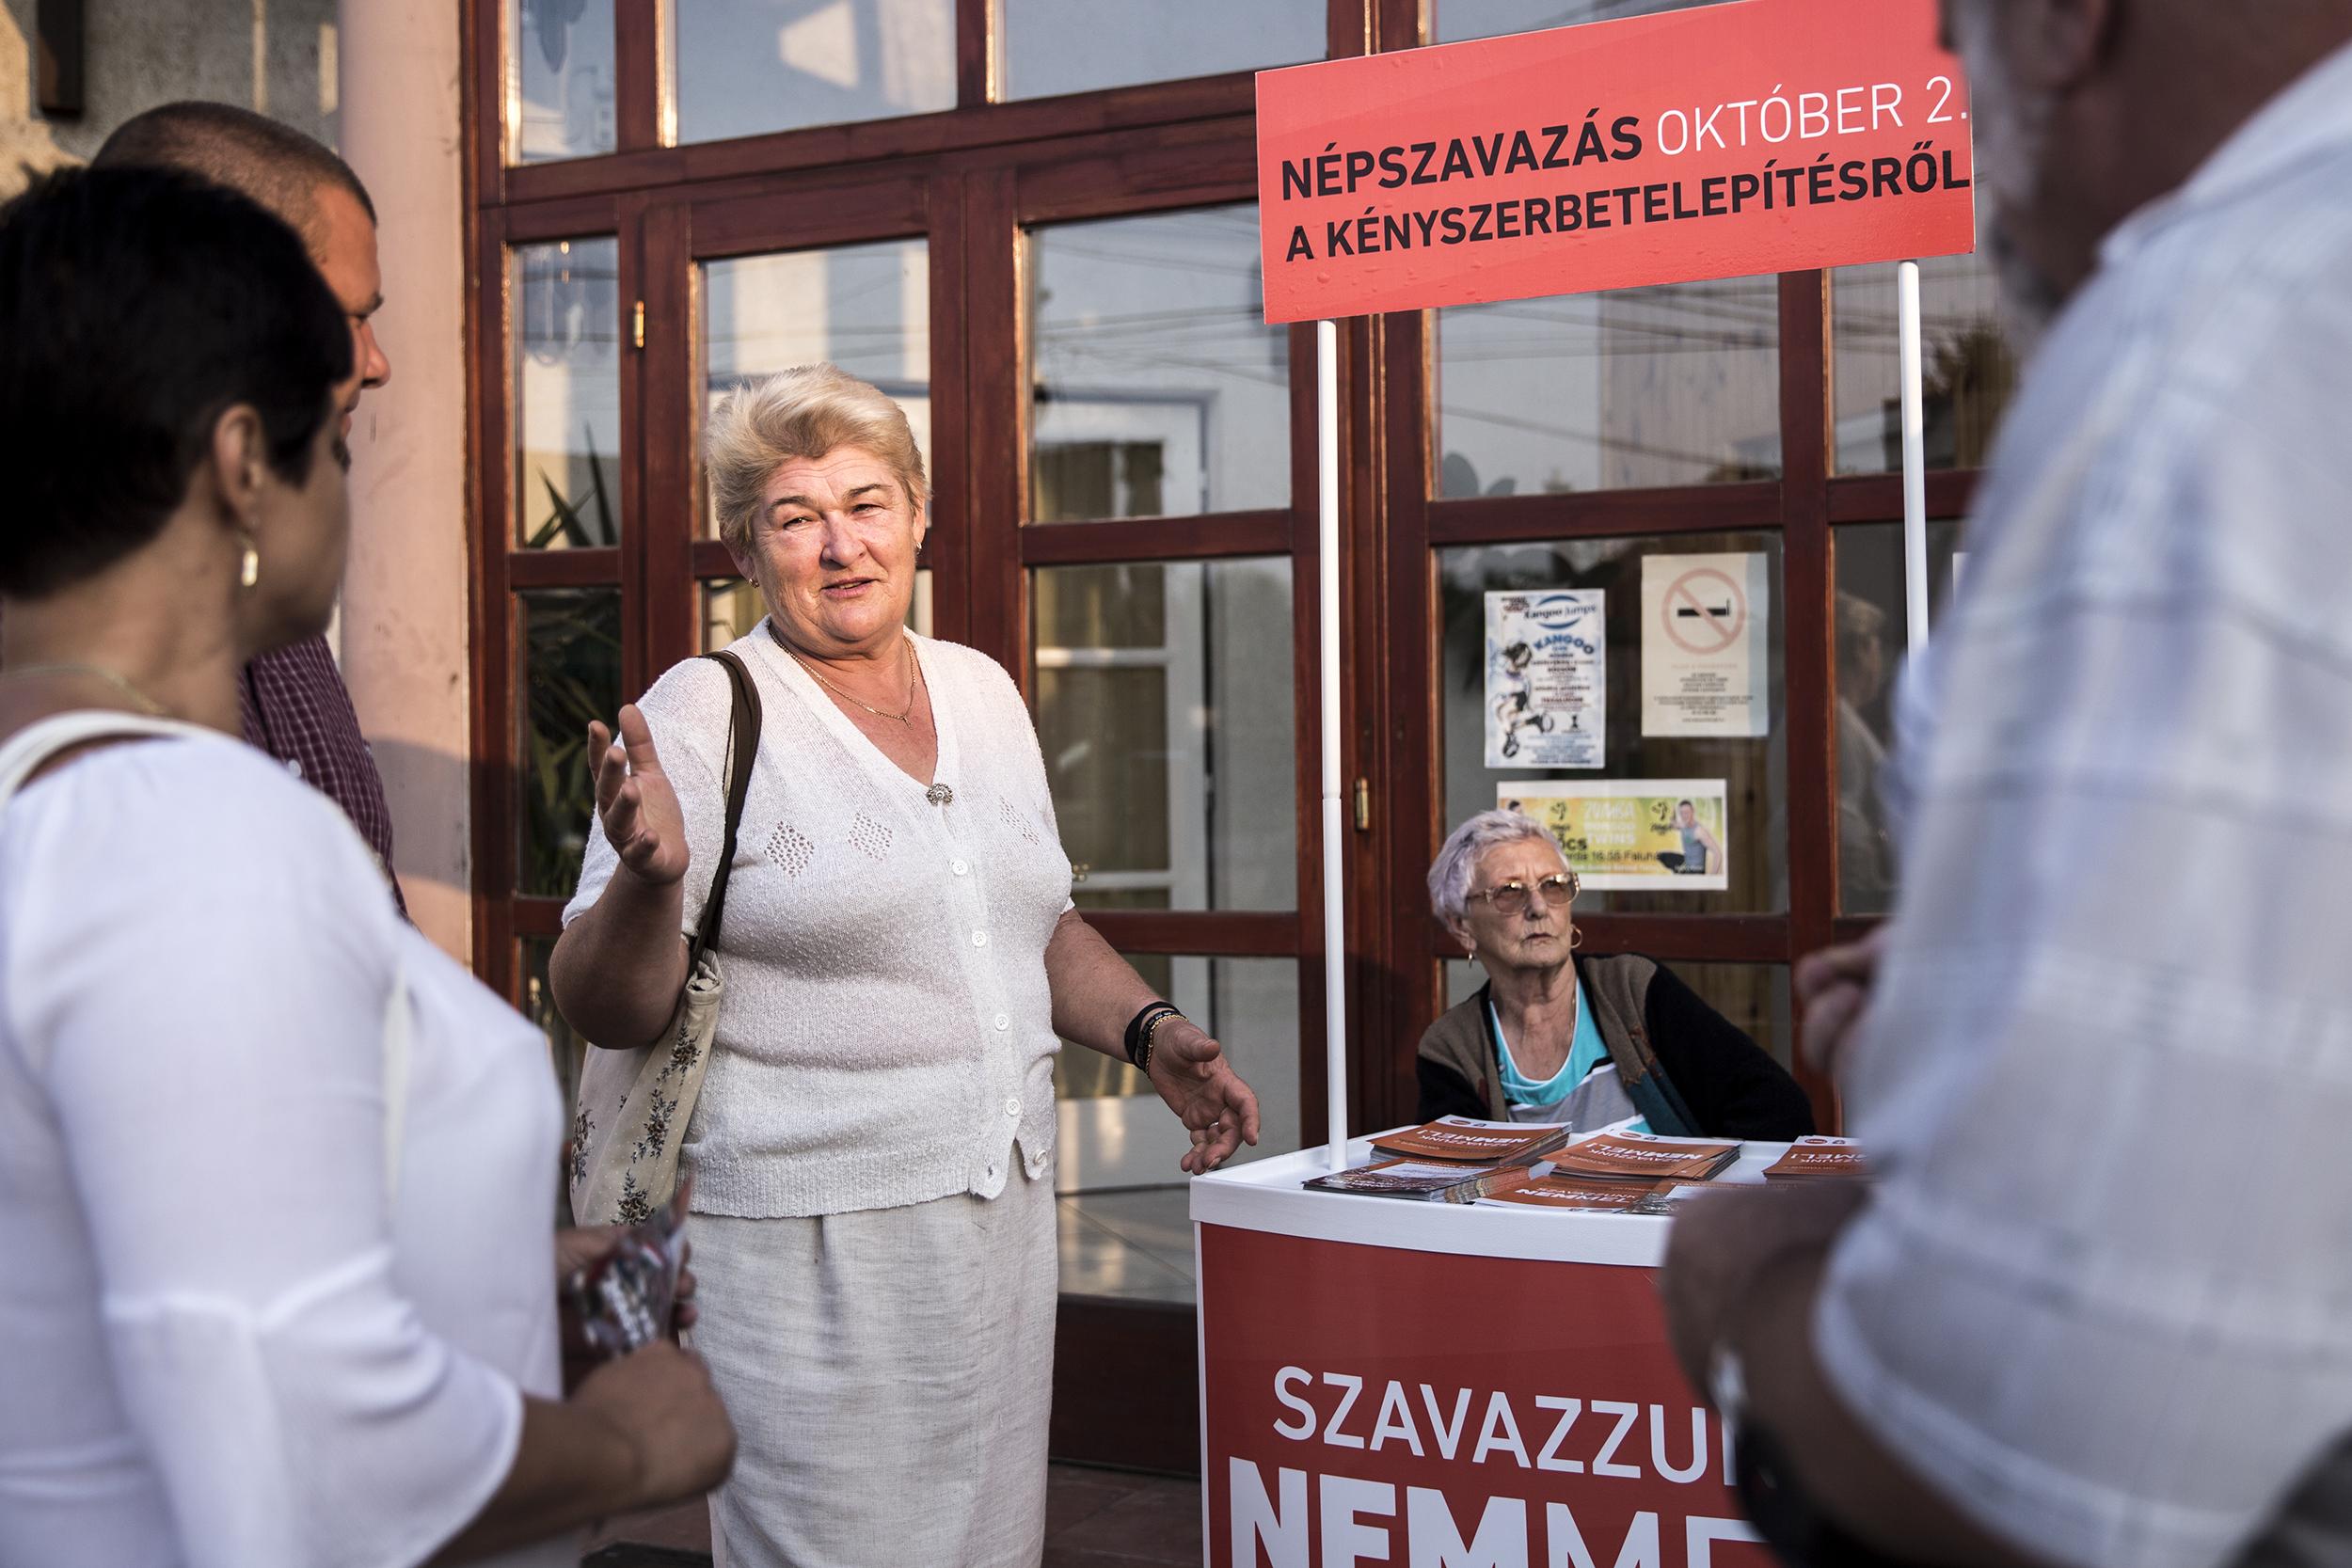 A Fidesz, az MSZP, a Jobbik és a kormány kérte ki a választási névjegyzéket